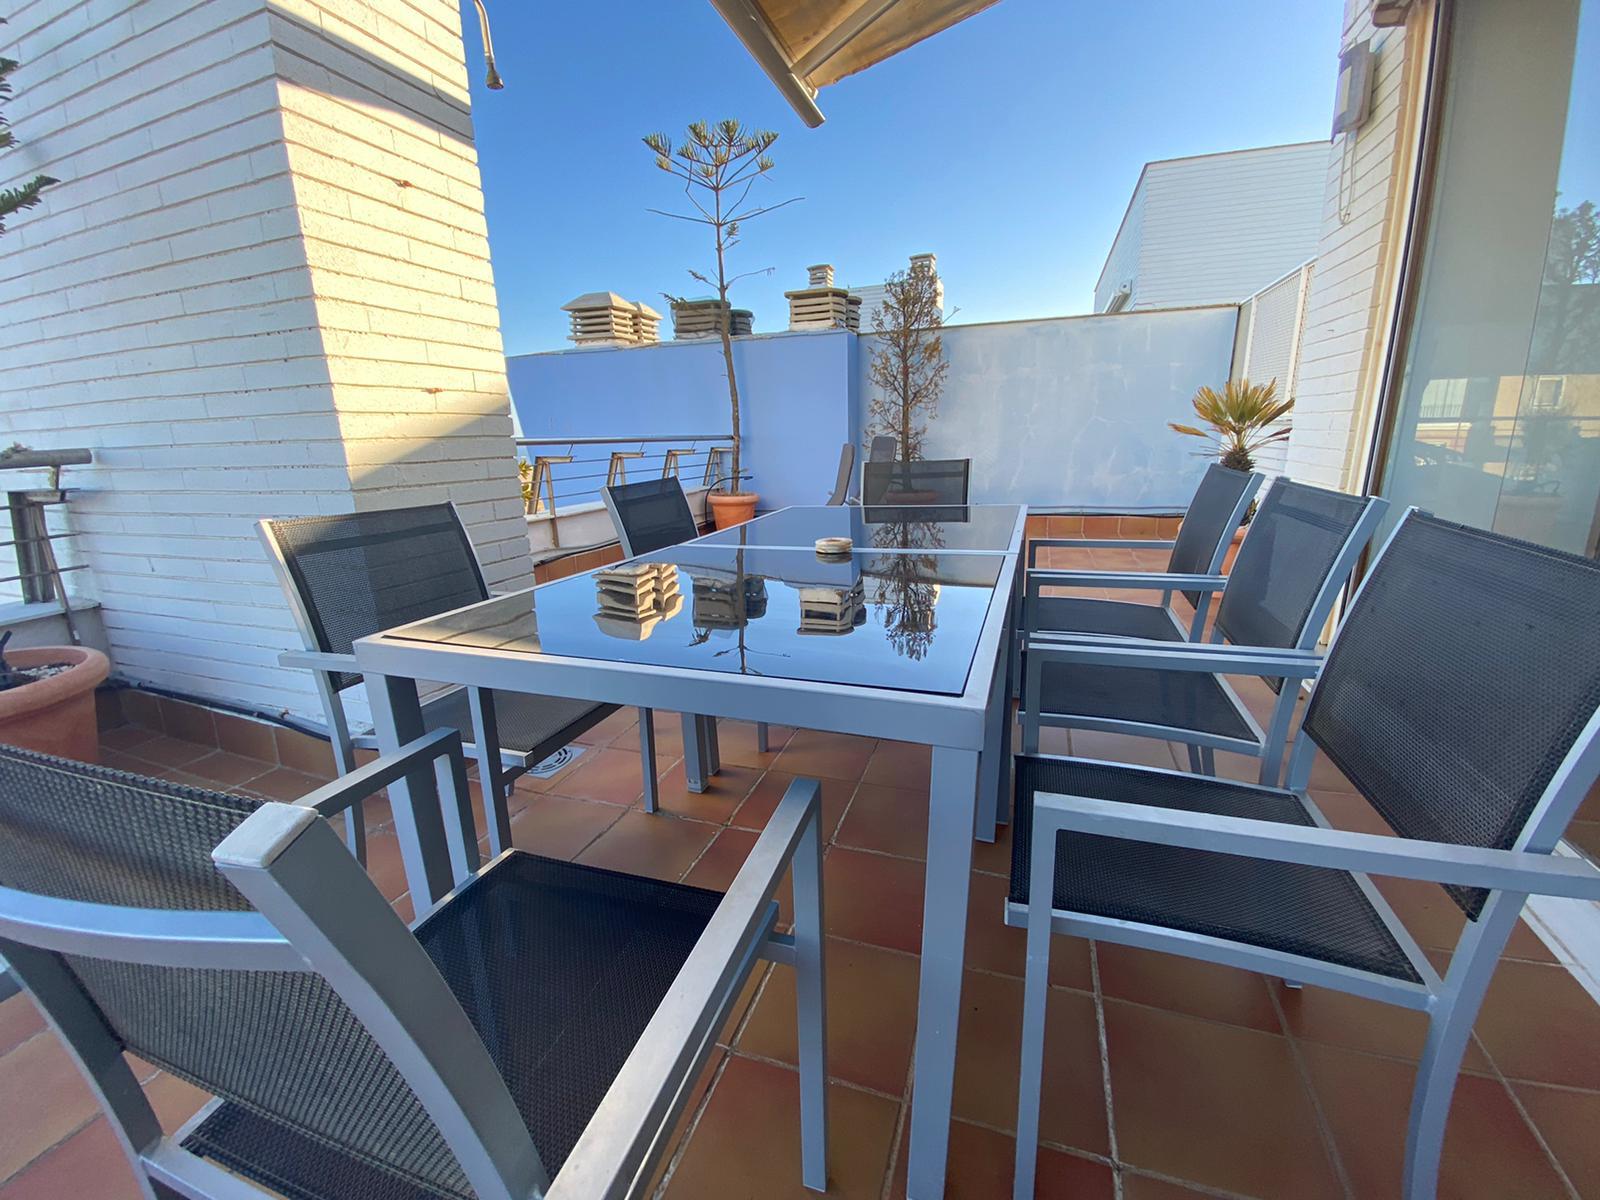 Imagen 54 del Apartamento Turístico, Ático 4 Levante, Frontal (4d+2b), Punta del Moral (HUELVA), Paseo de la Cruz nº22